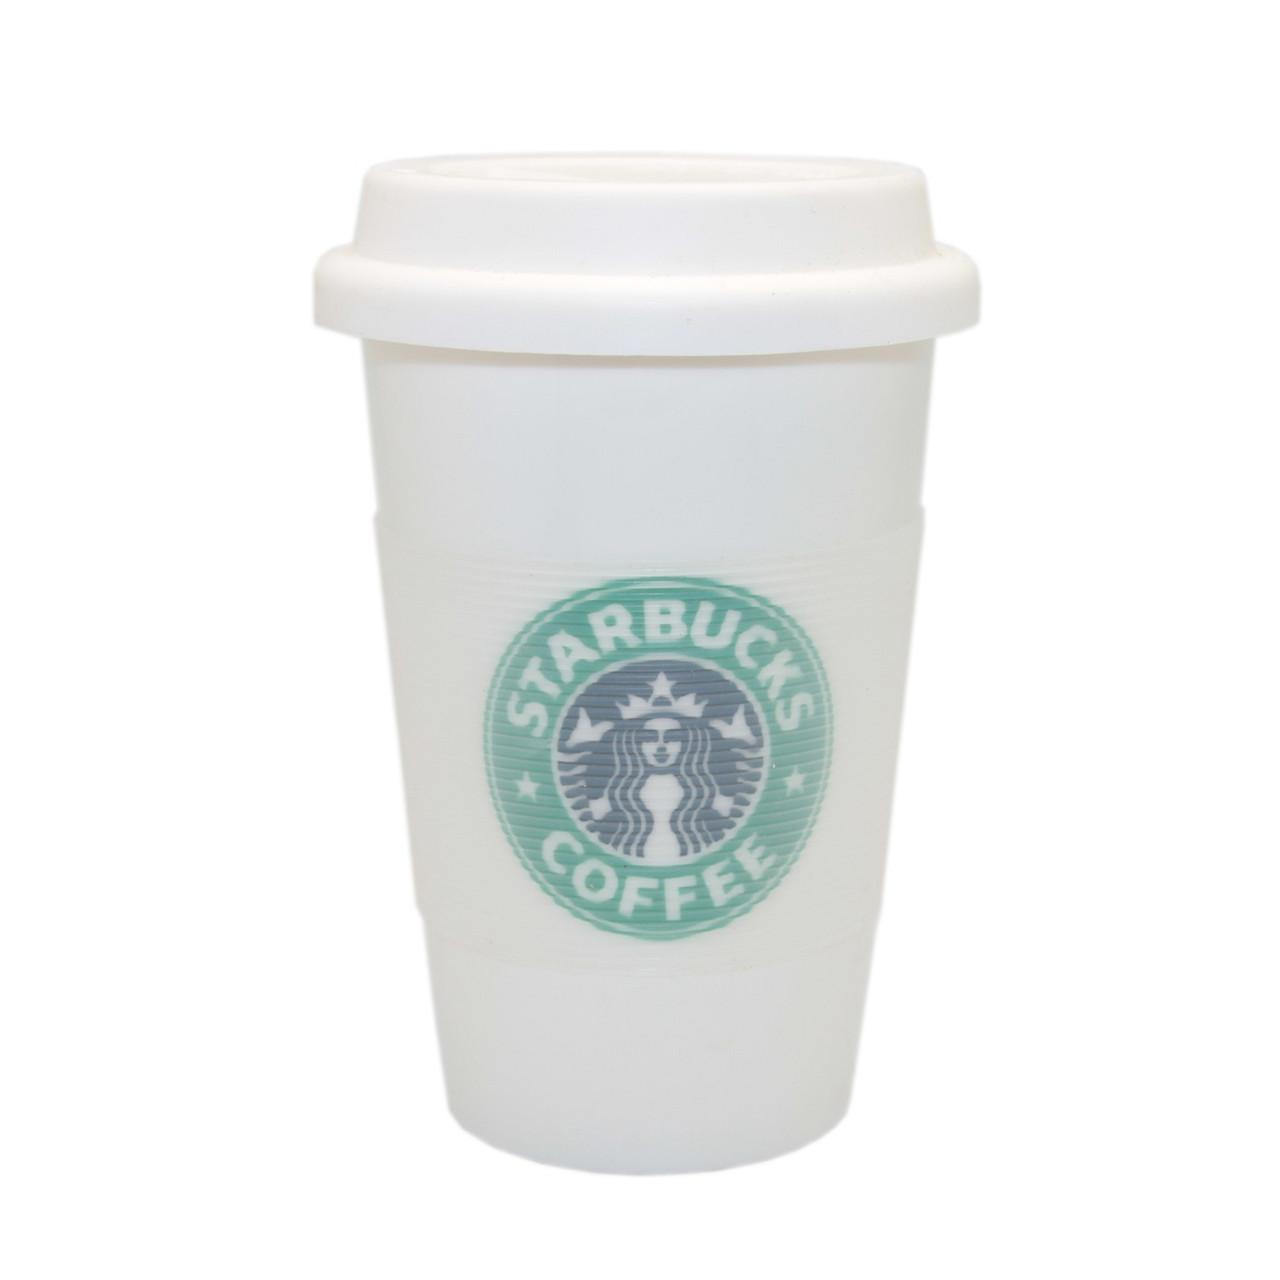 Кружка Starbucks с резиновой крышкой